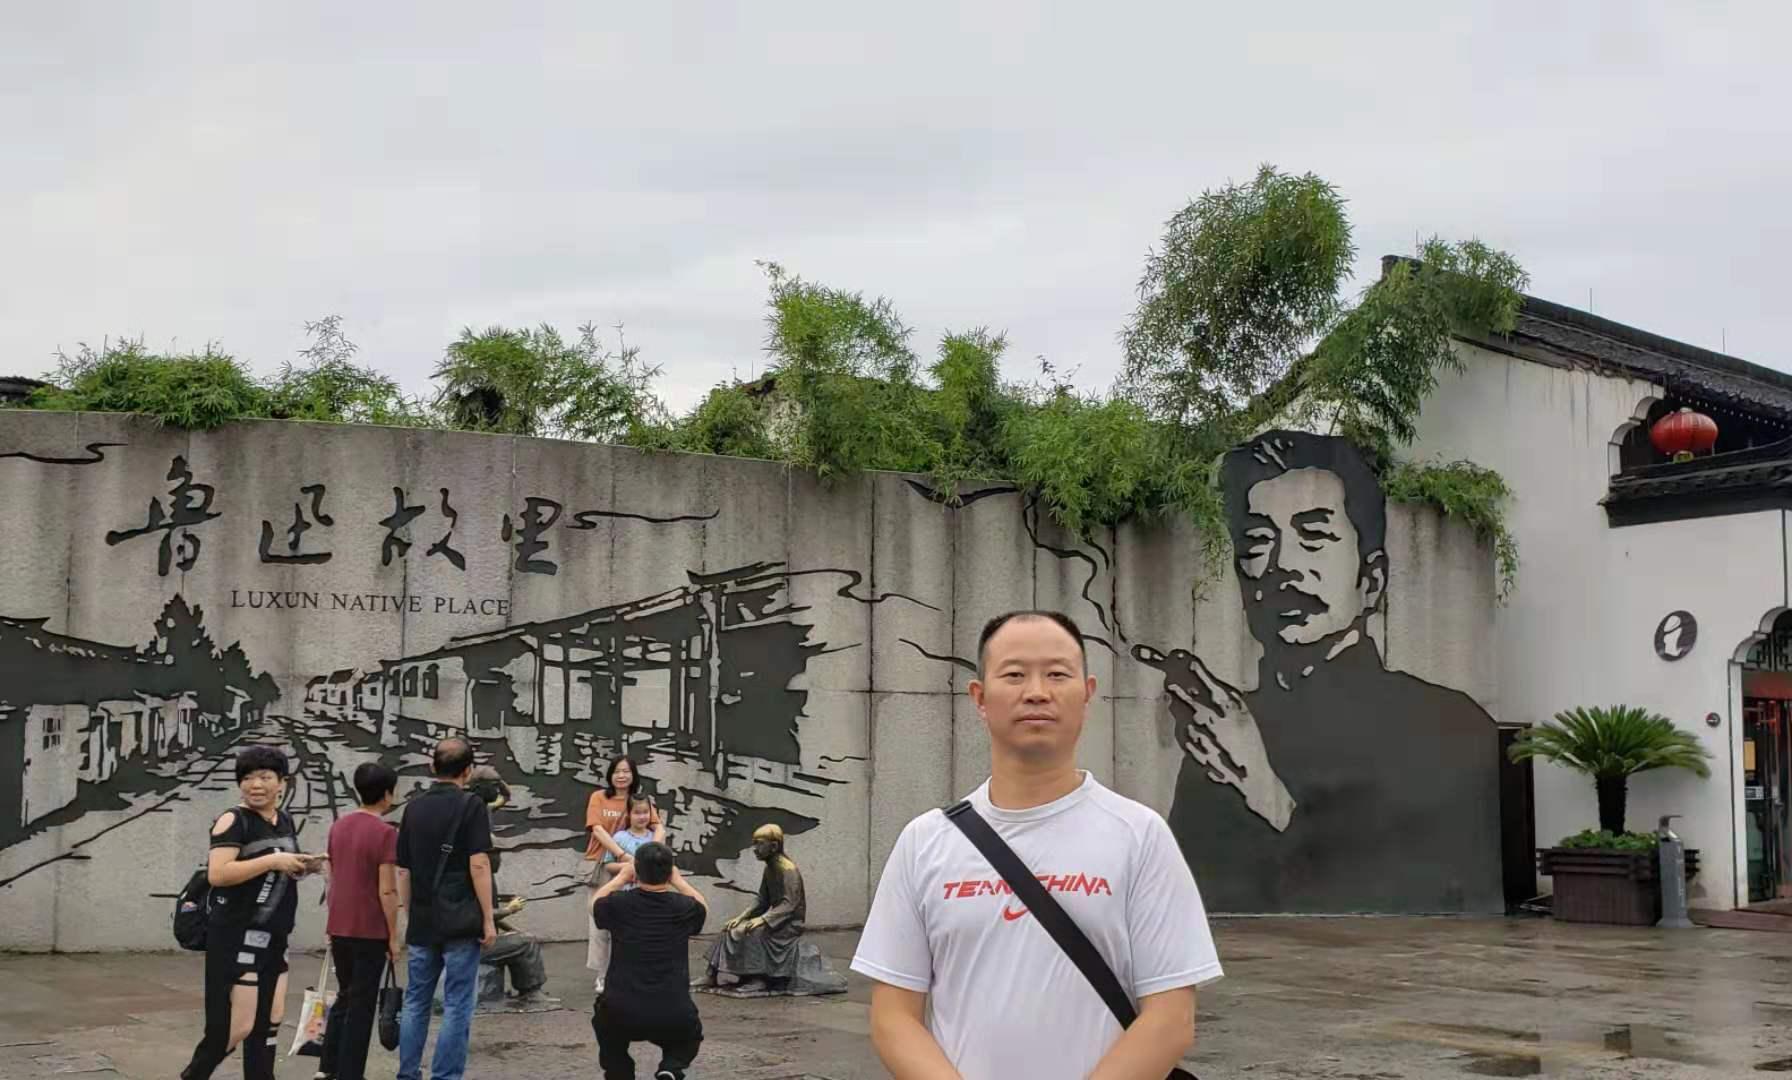 2019年8月23日来到唐鲁迅故居,实现儿时的梦想。